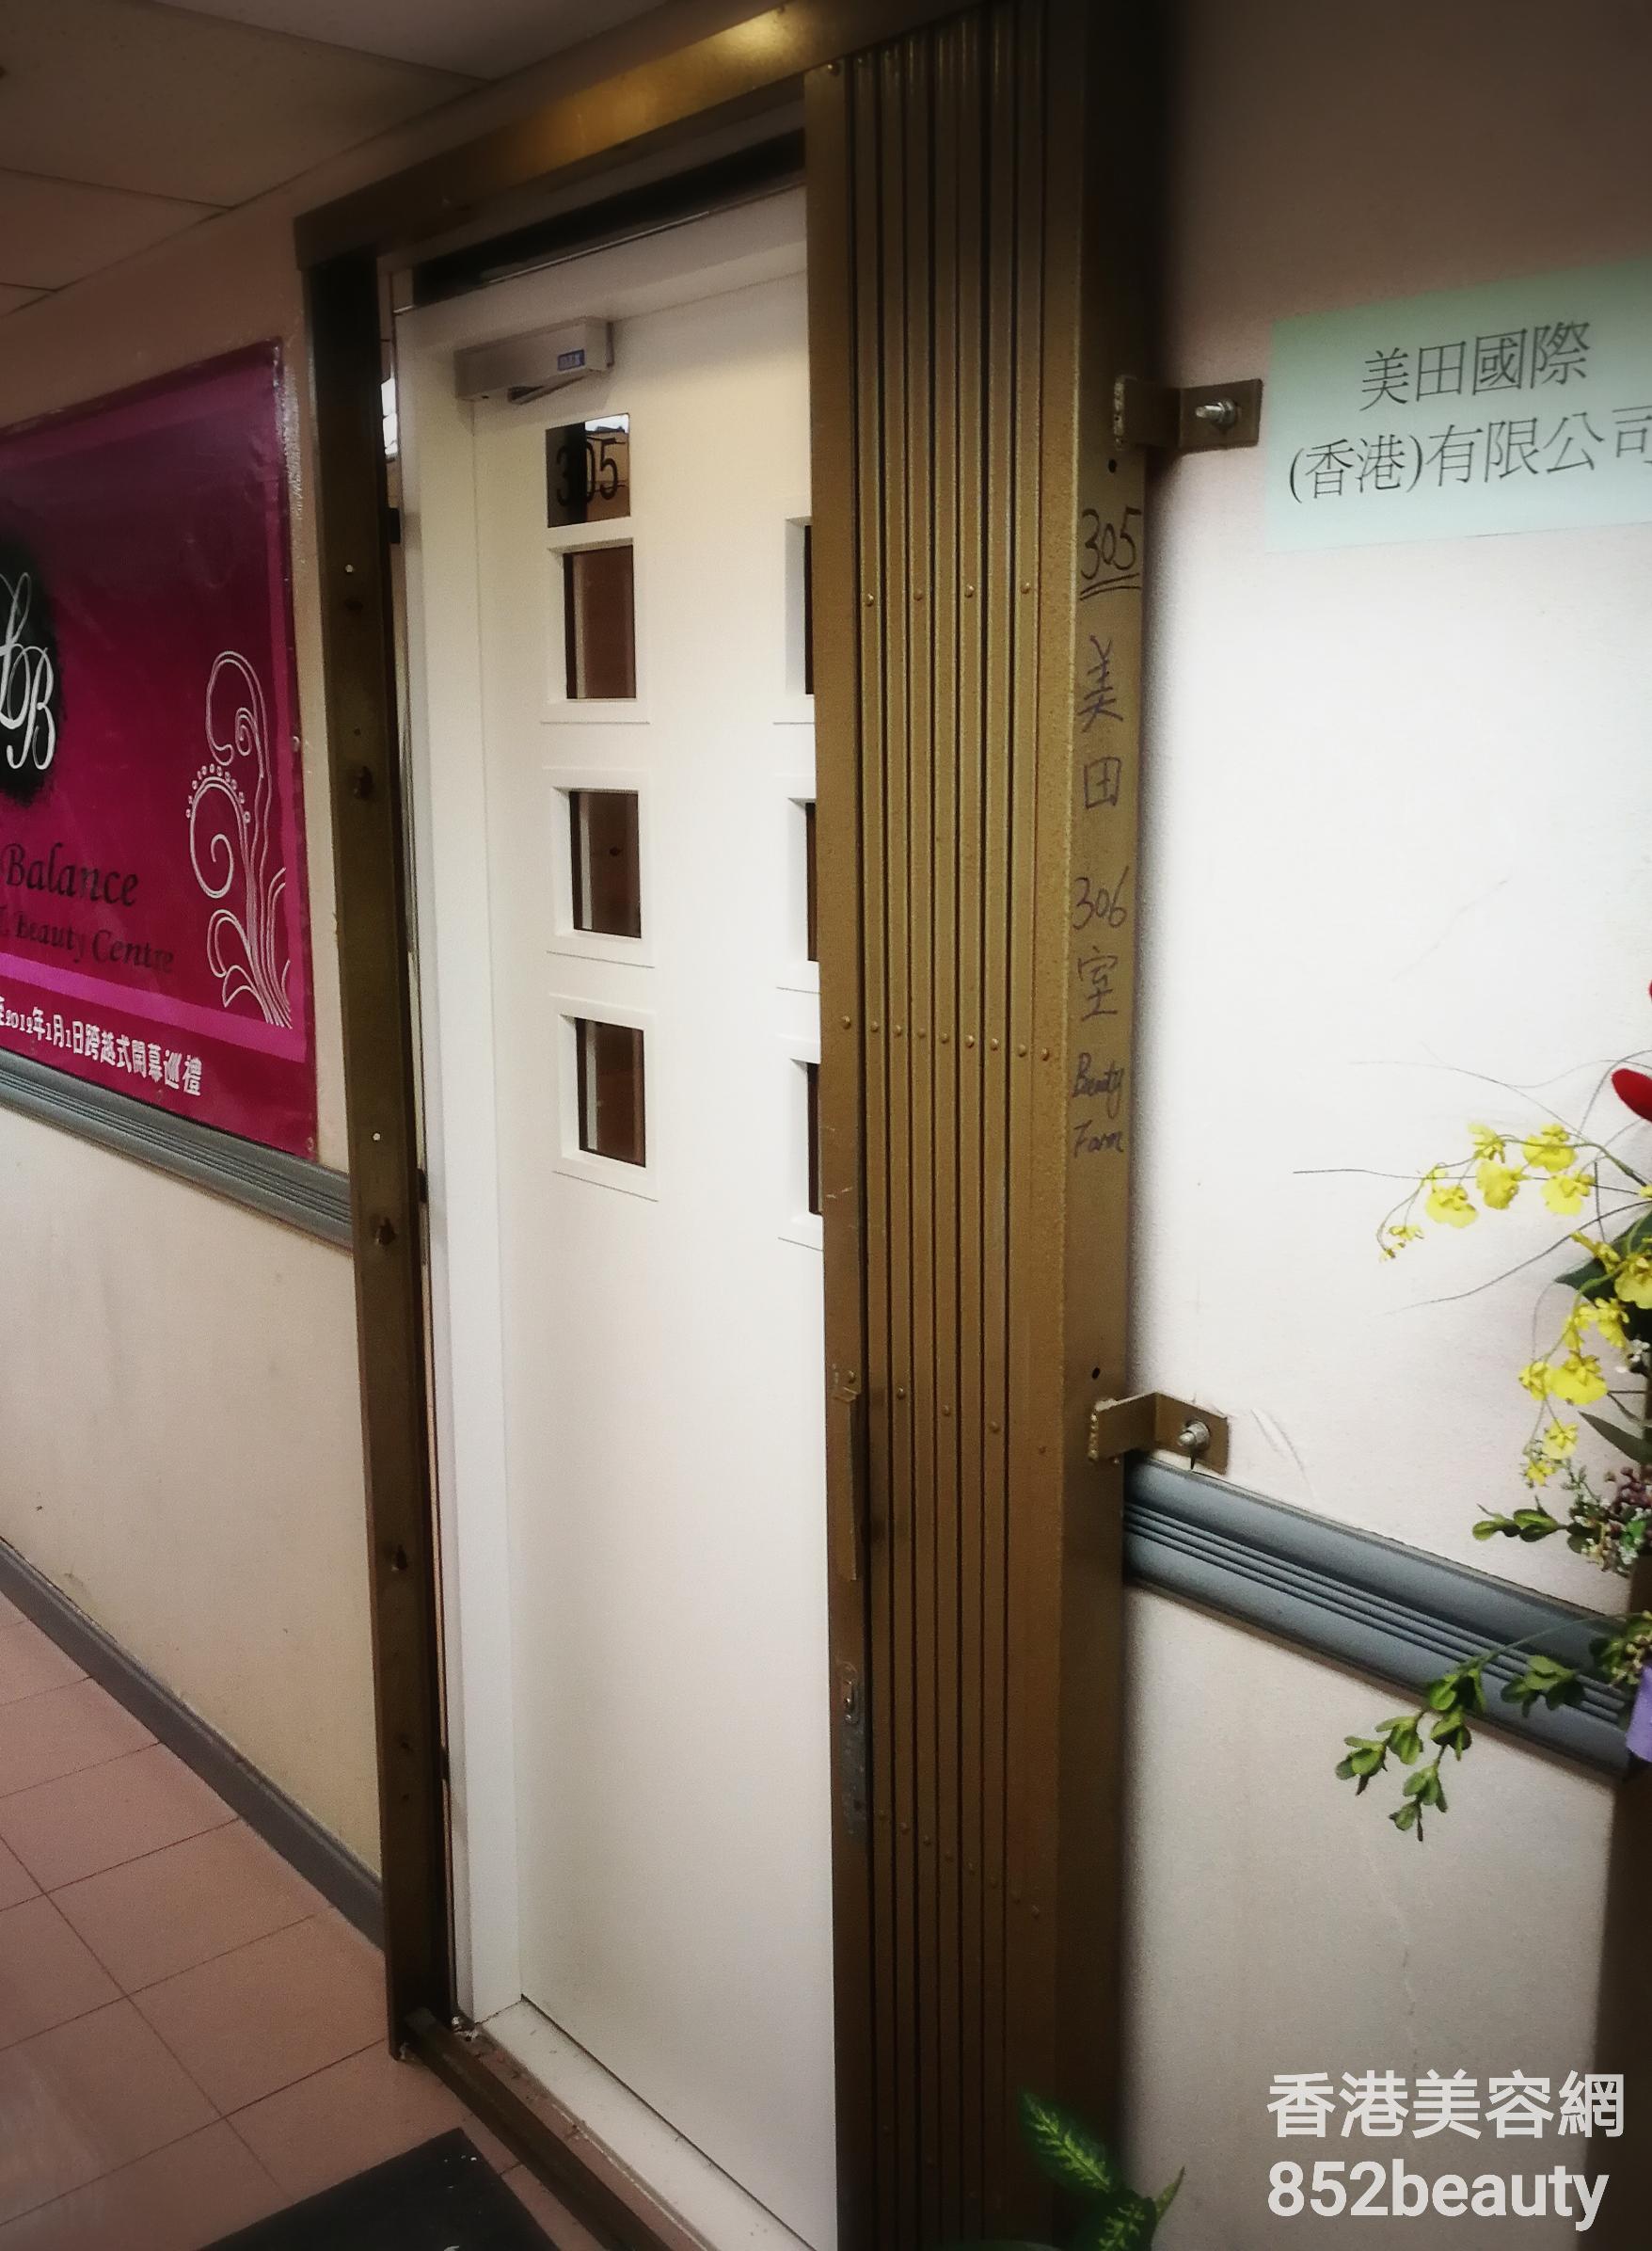 香港美容院 美容師 : Beauty Farm 美容工作室 @青年創業軍